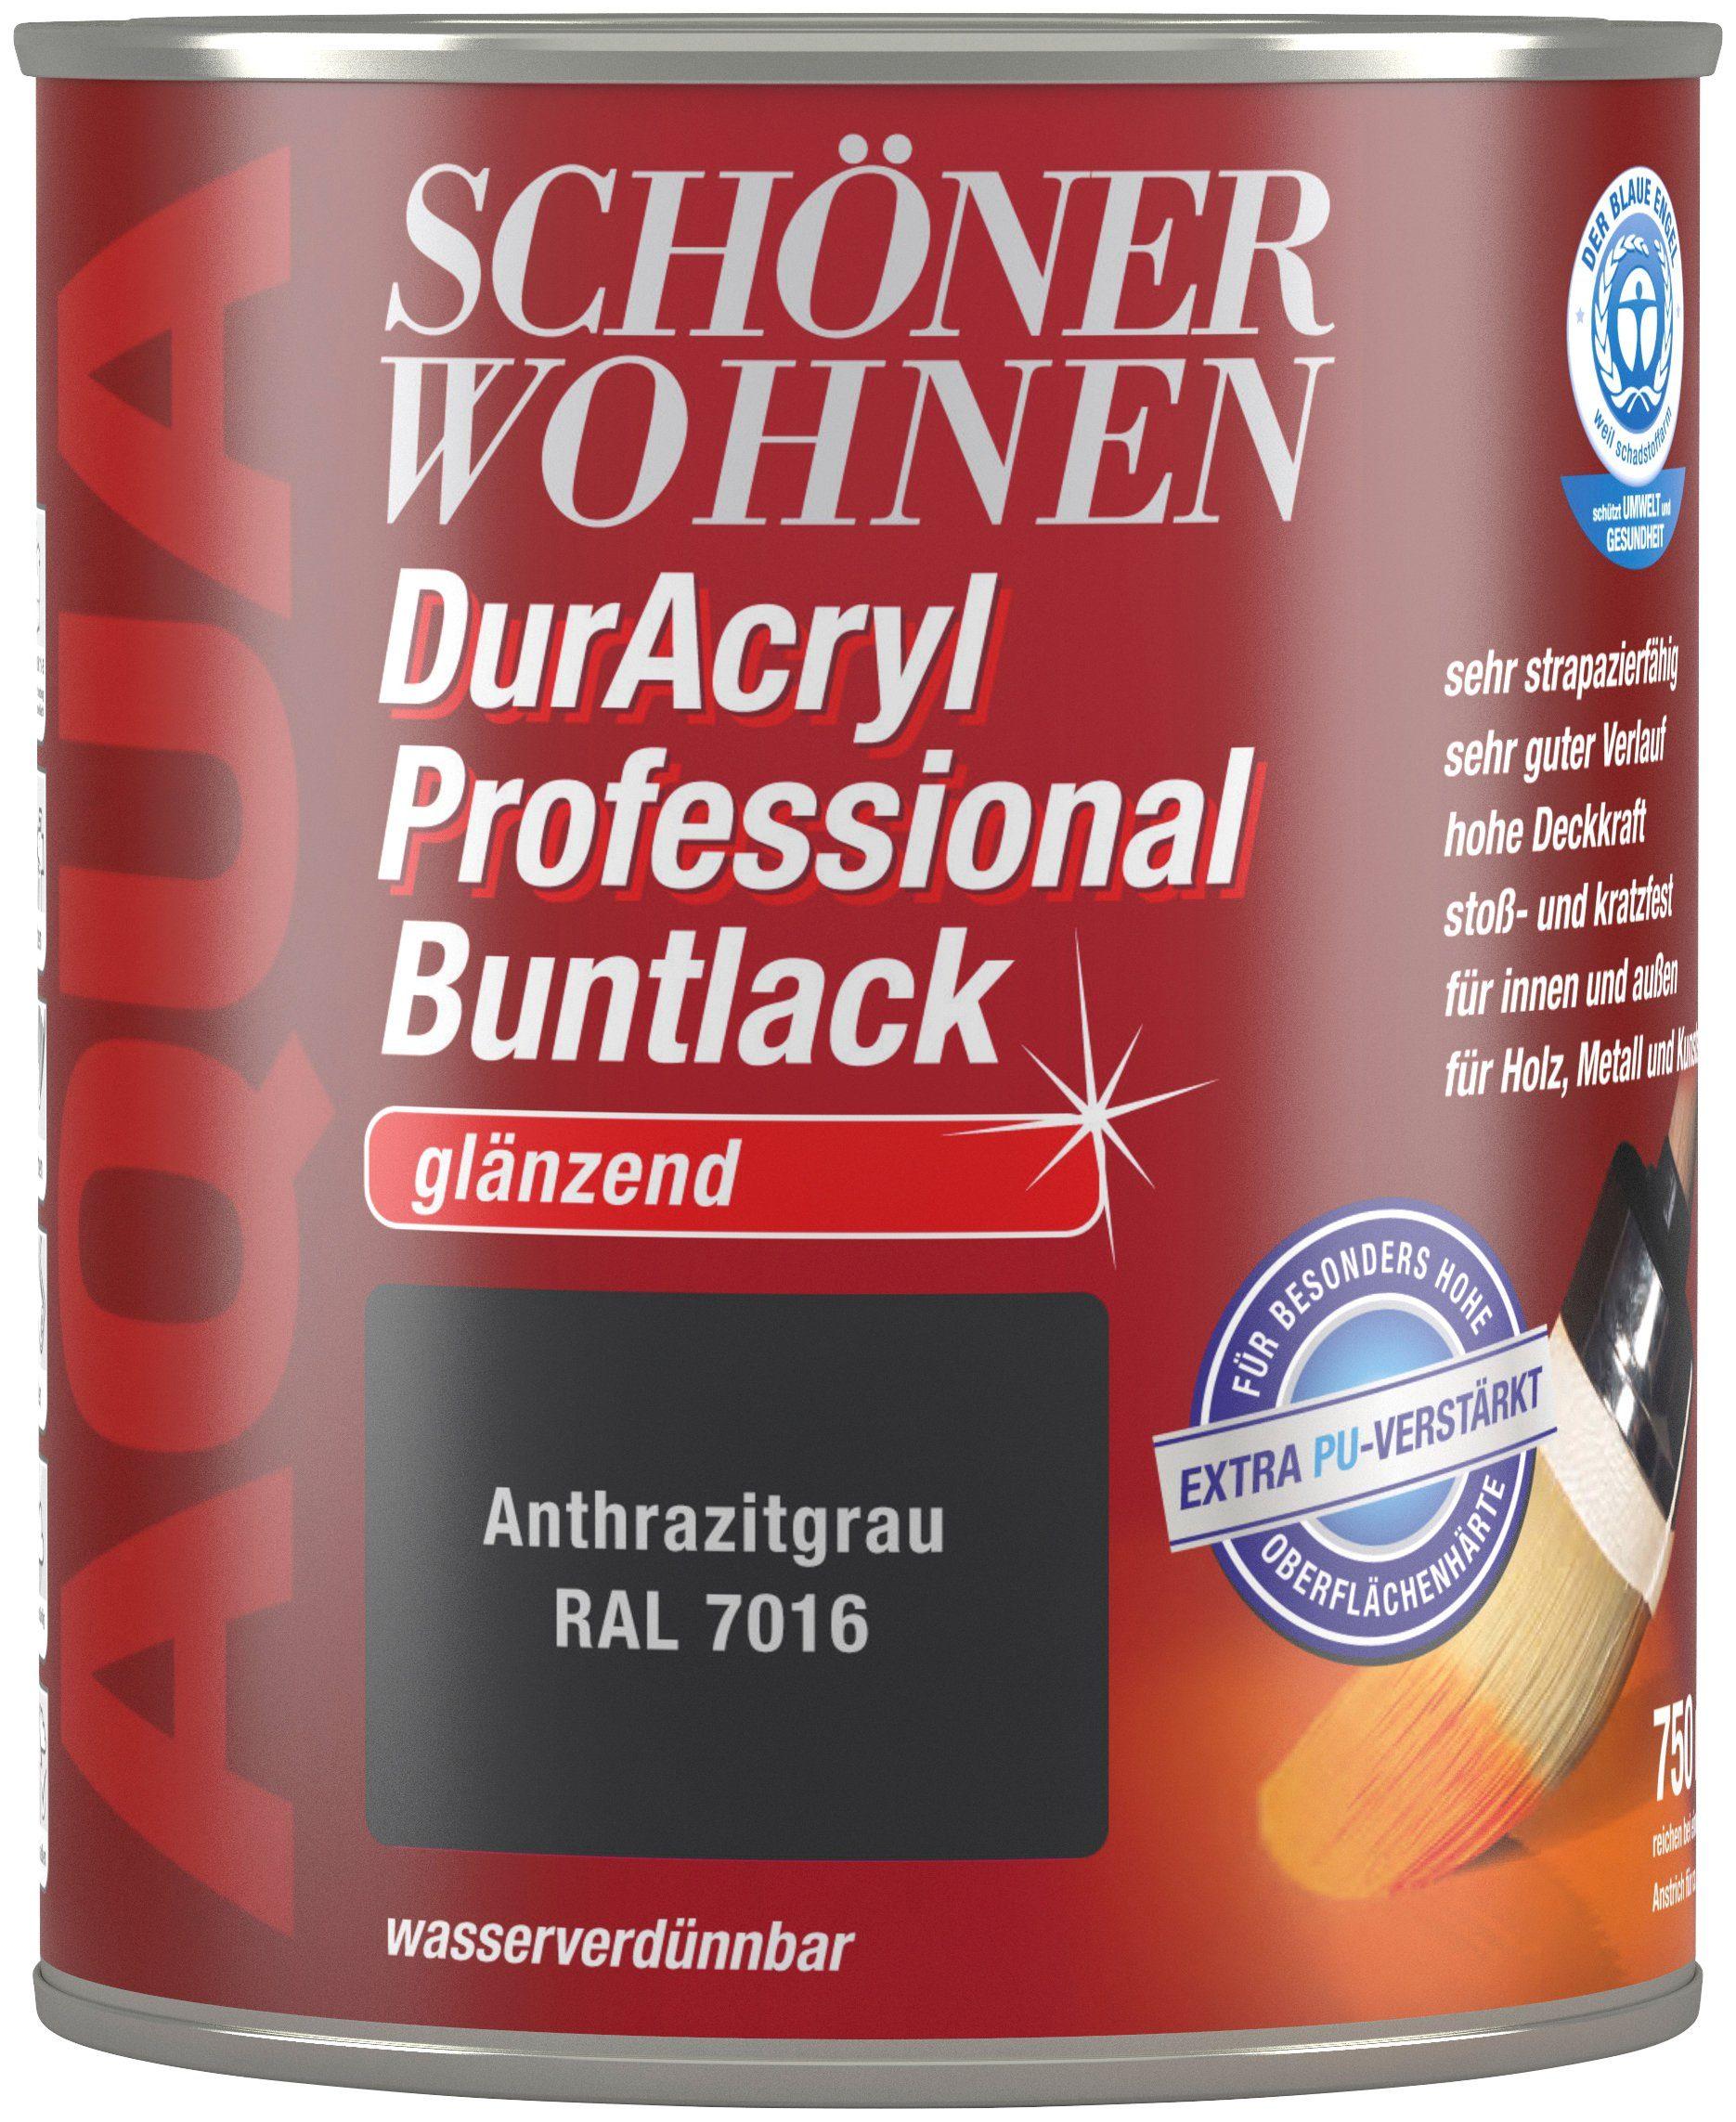 Schöner Wohnen Farbe Buntlack »DurAcryl Professional glänzend, 750 ml anthrazitgrau«